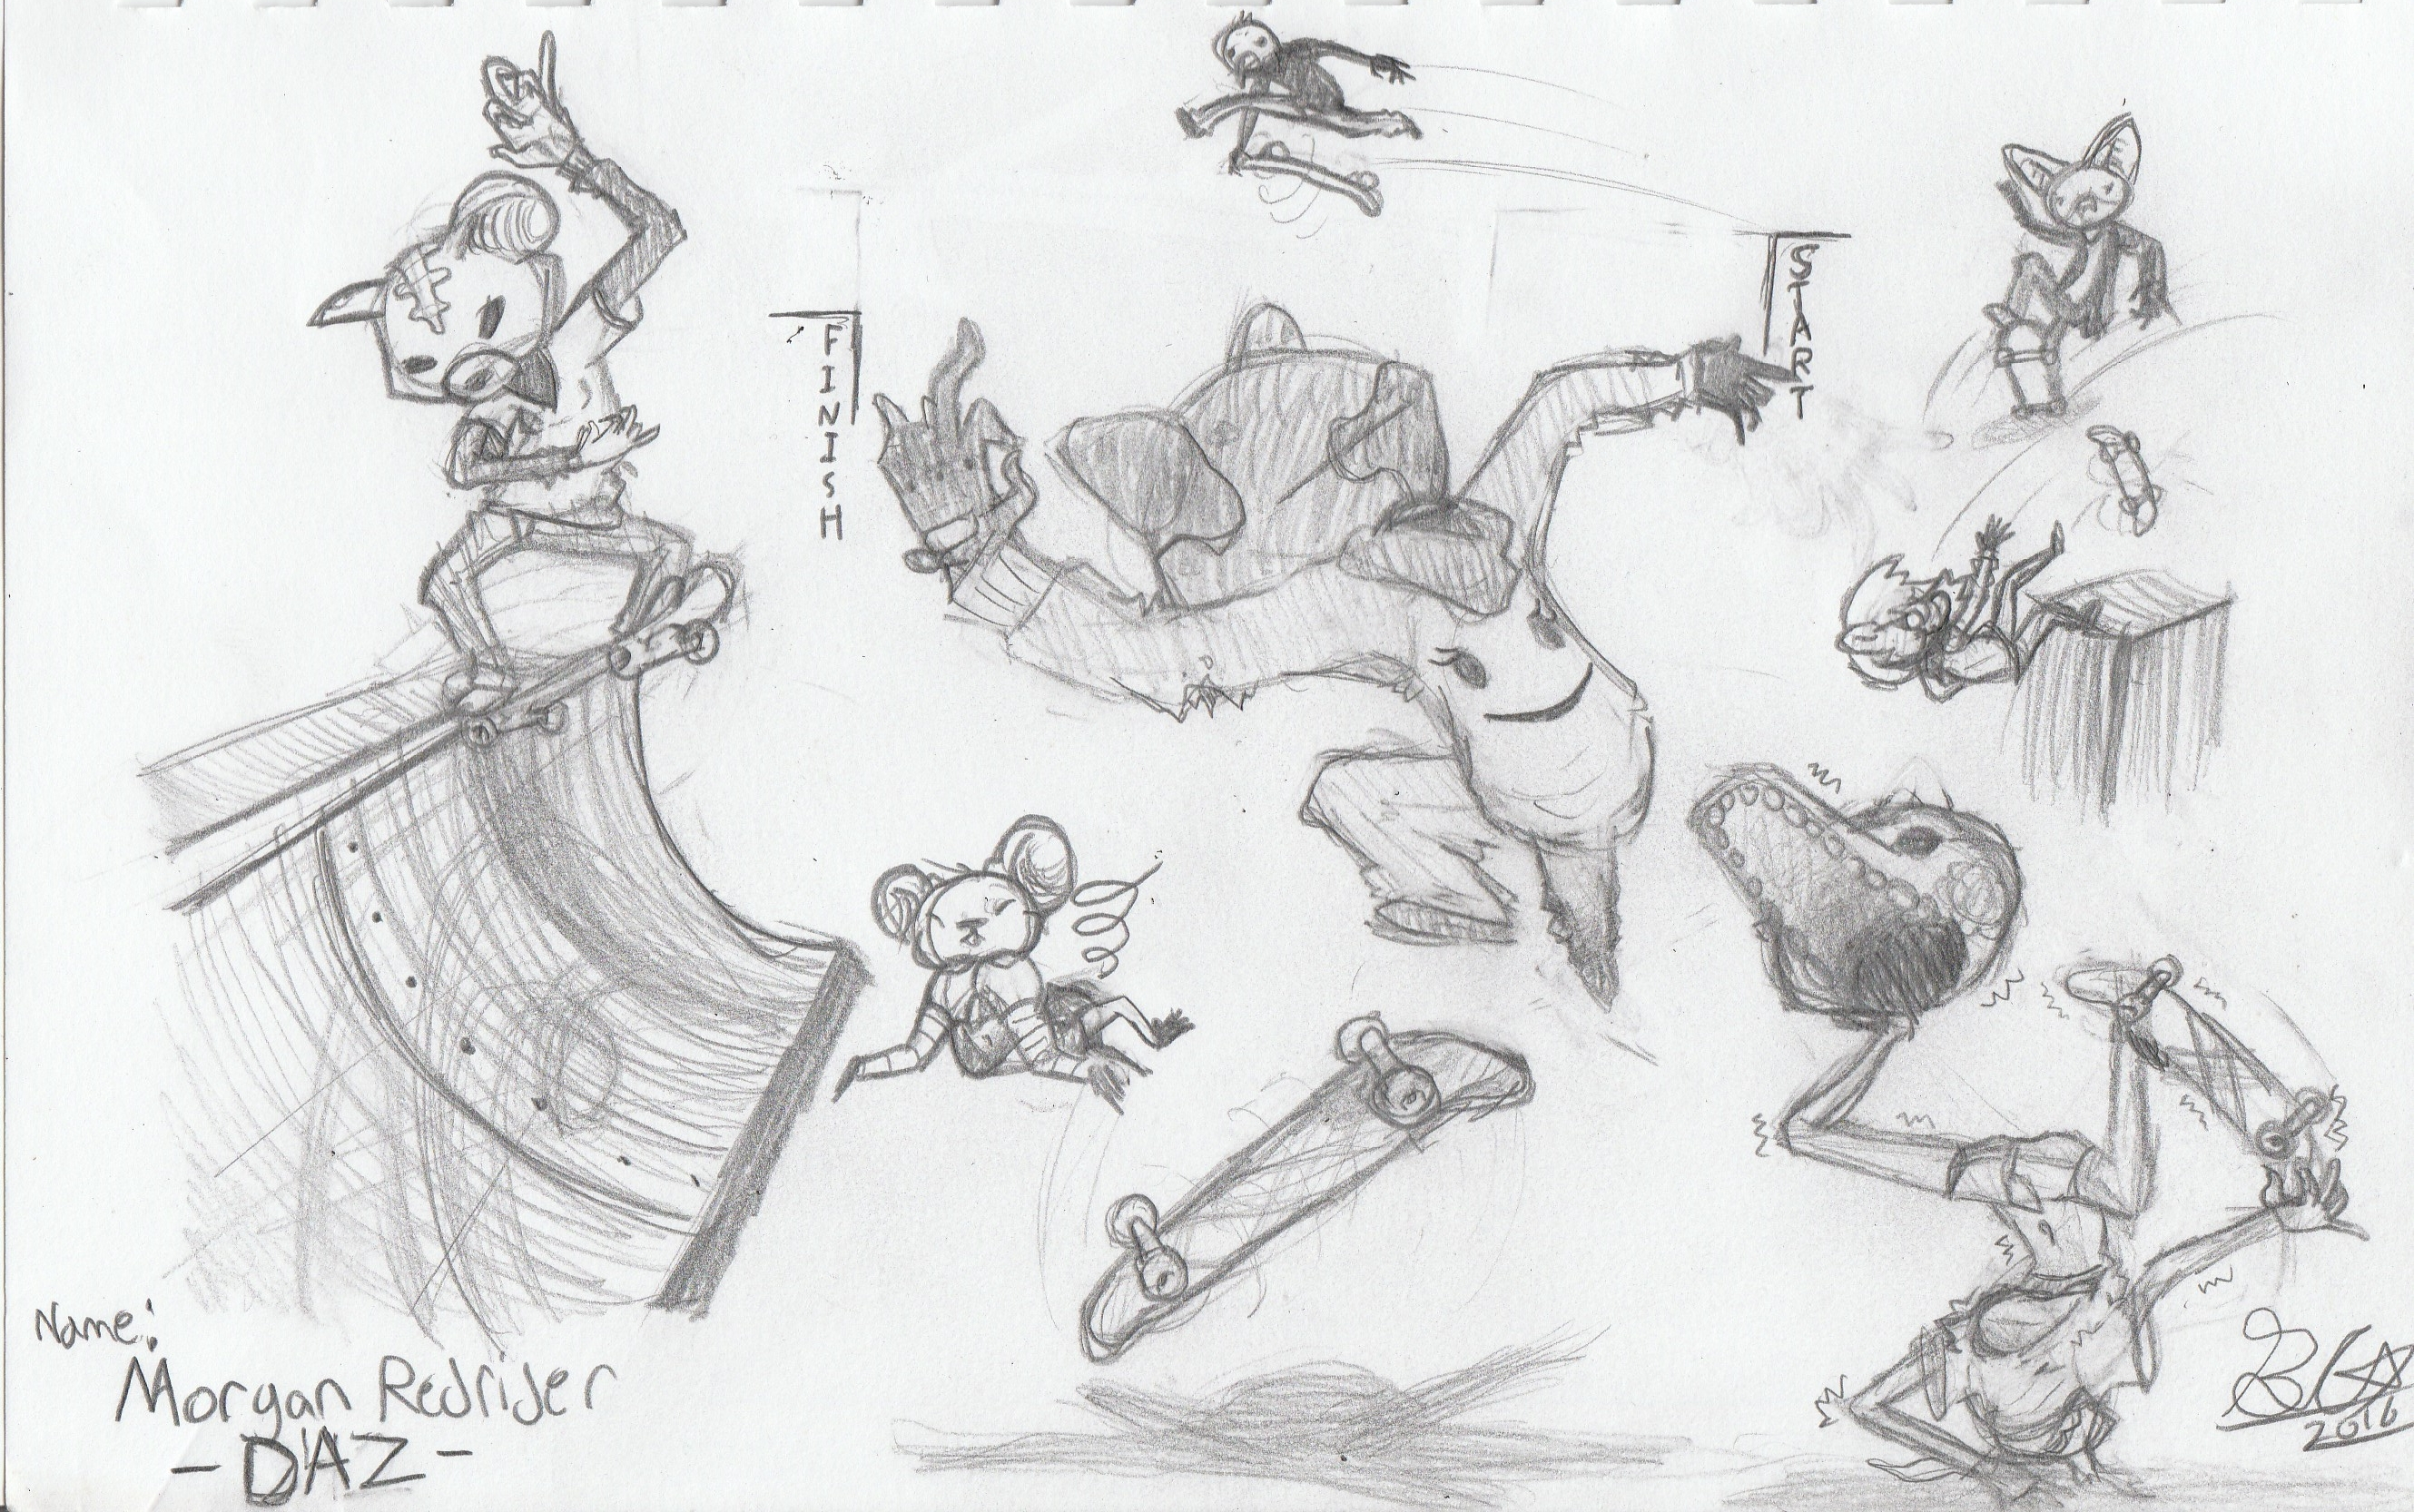 Daz Border Sketch